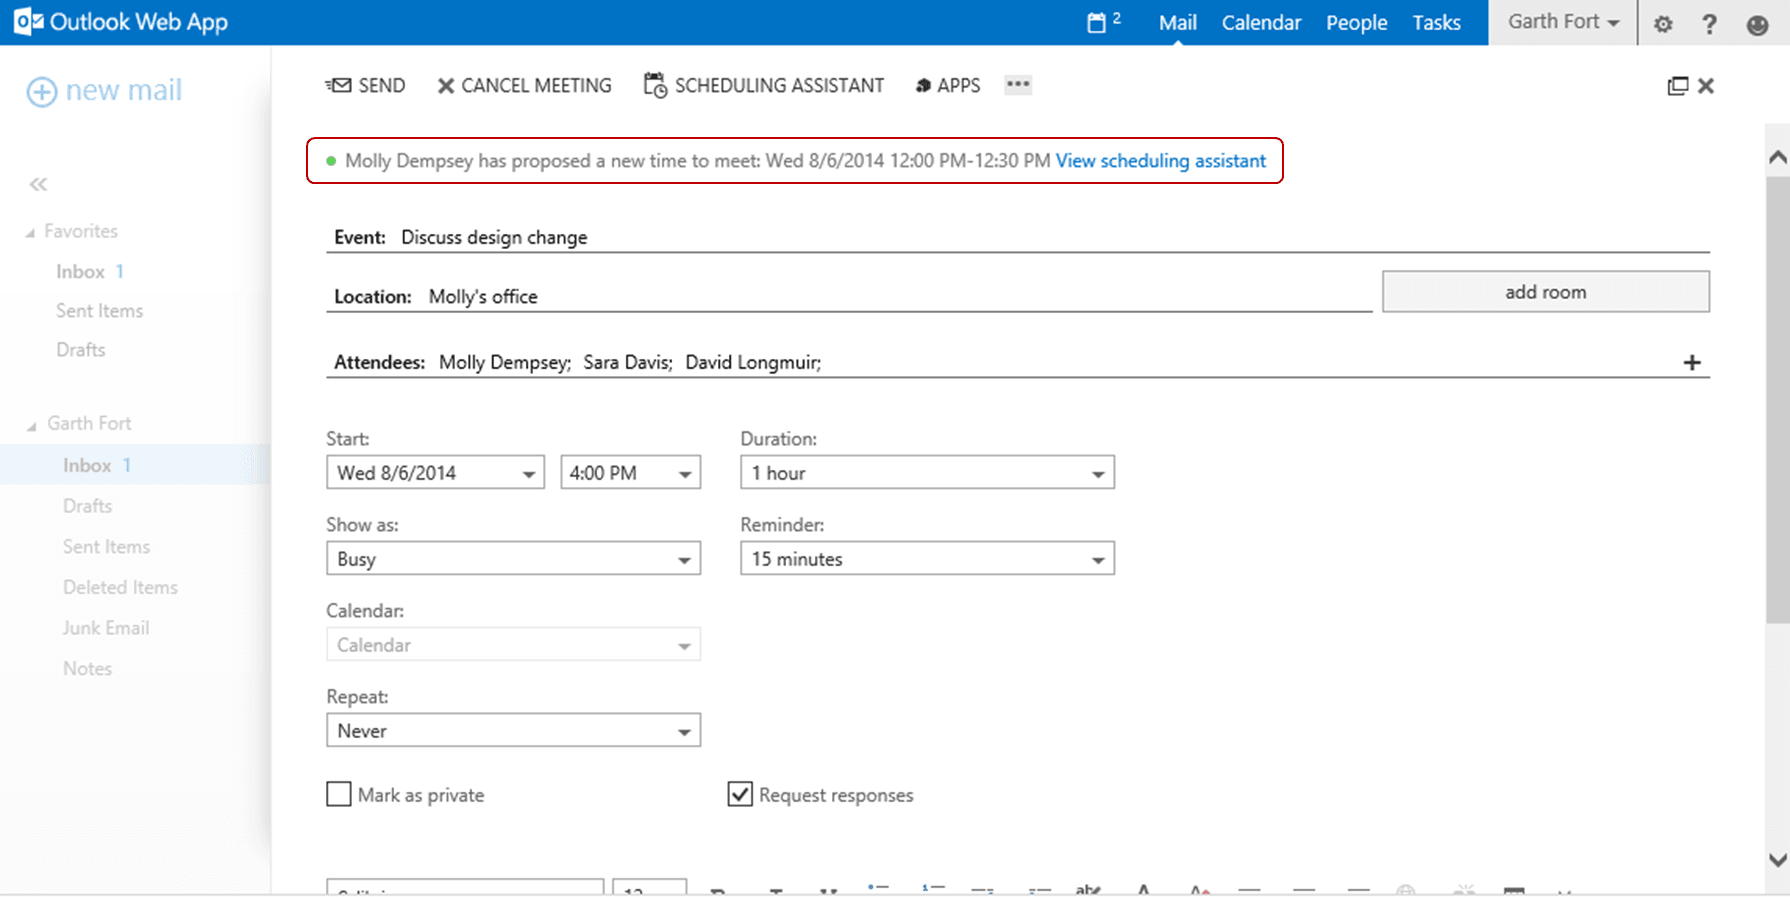 Característica de Outlook Web App: Proponer una nueva hora 6